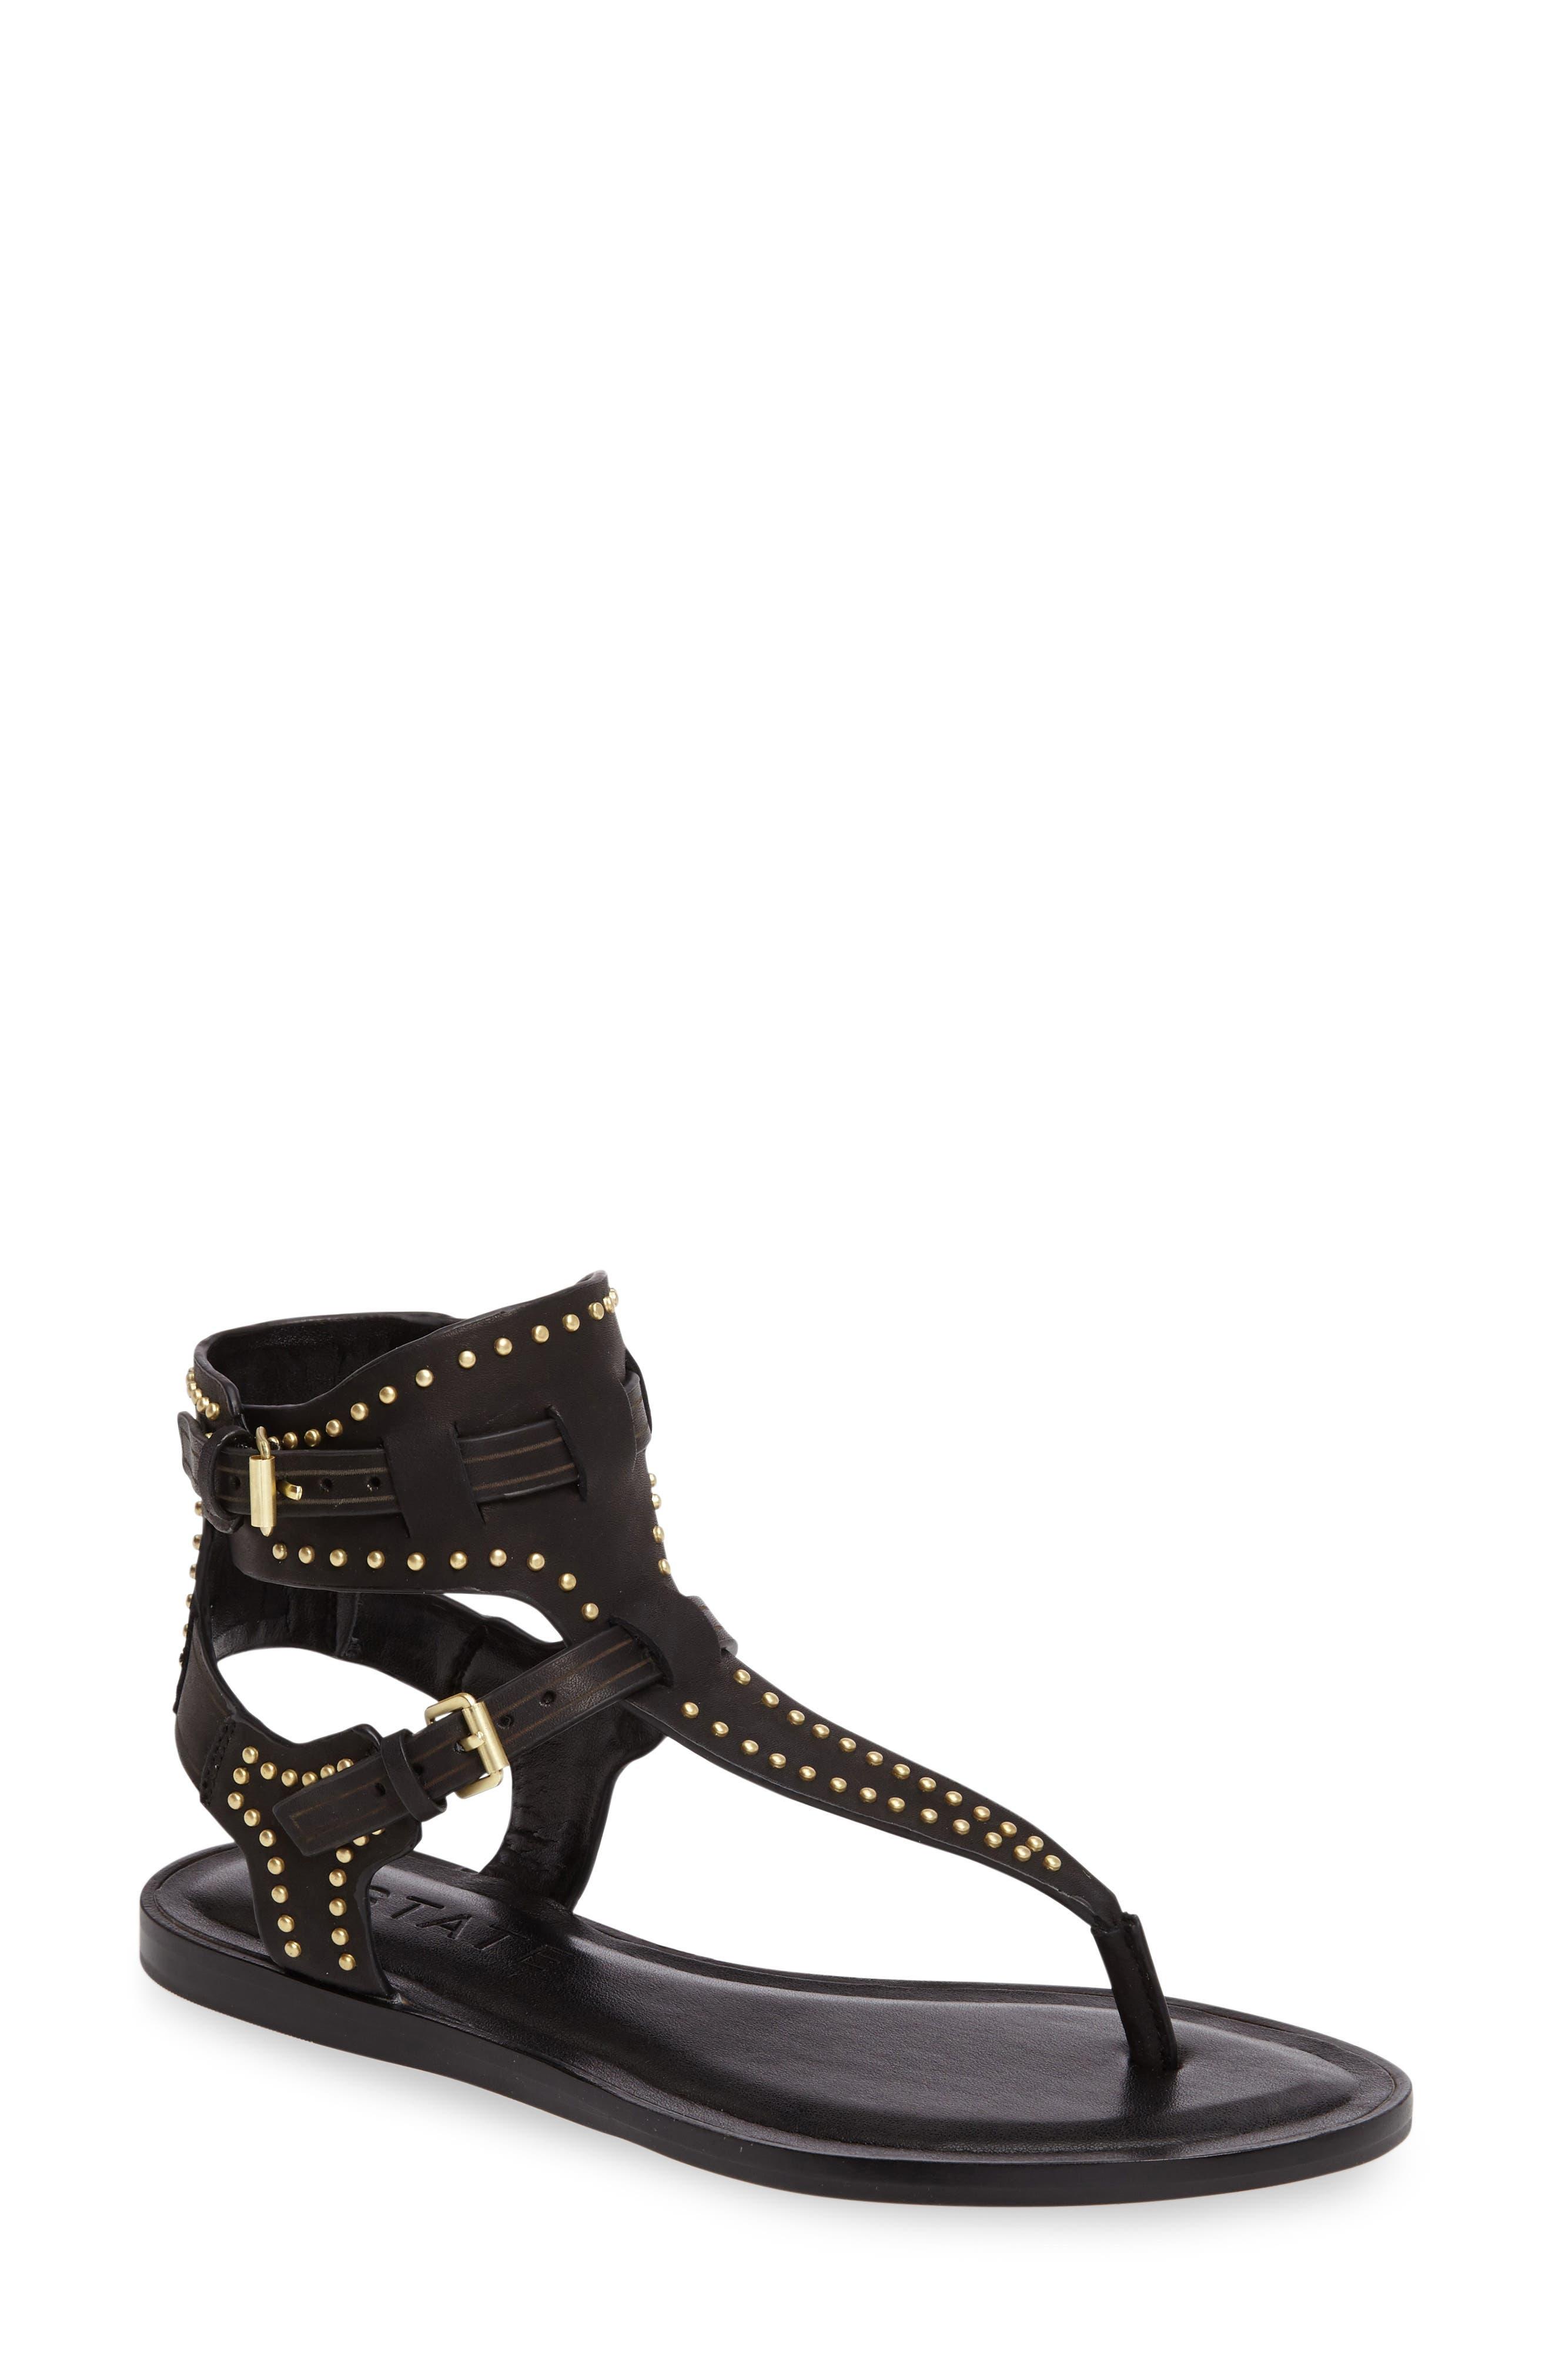 Lamanna Ankle Strap Sandal,                         Main,                         color, 001